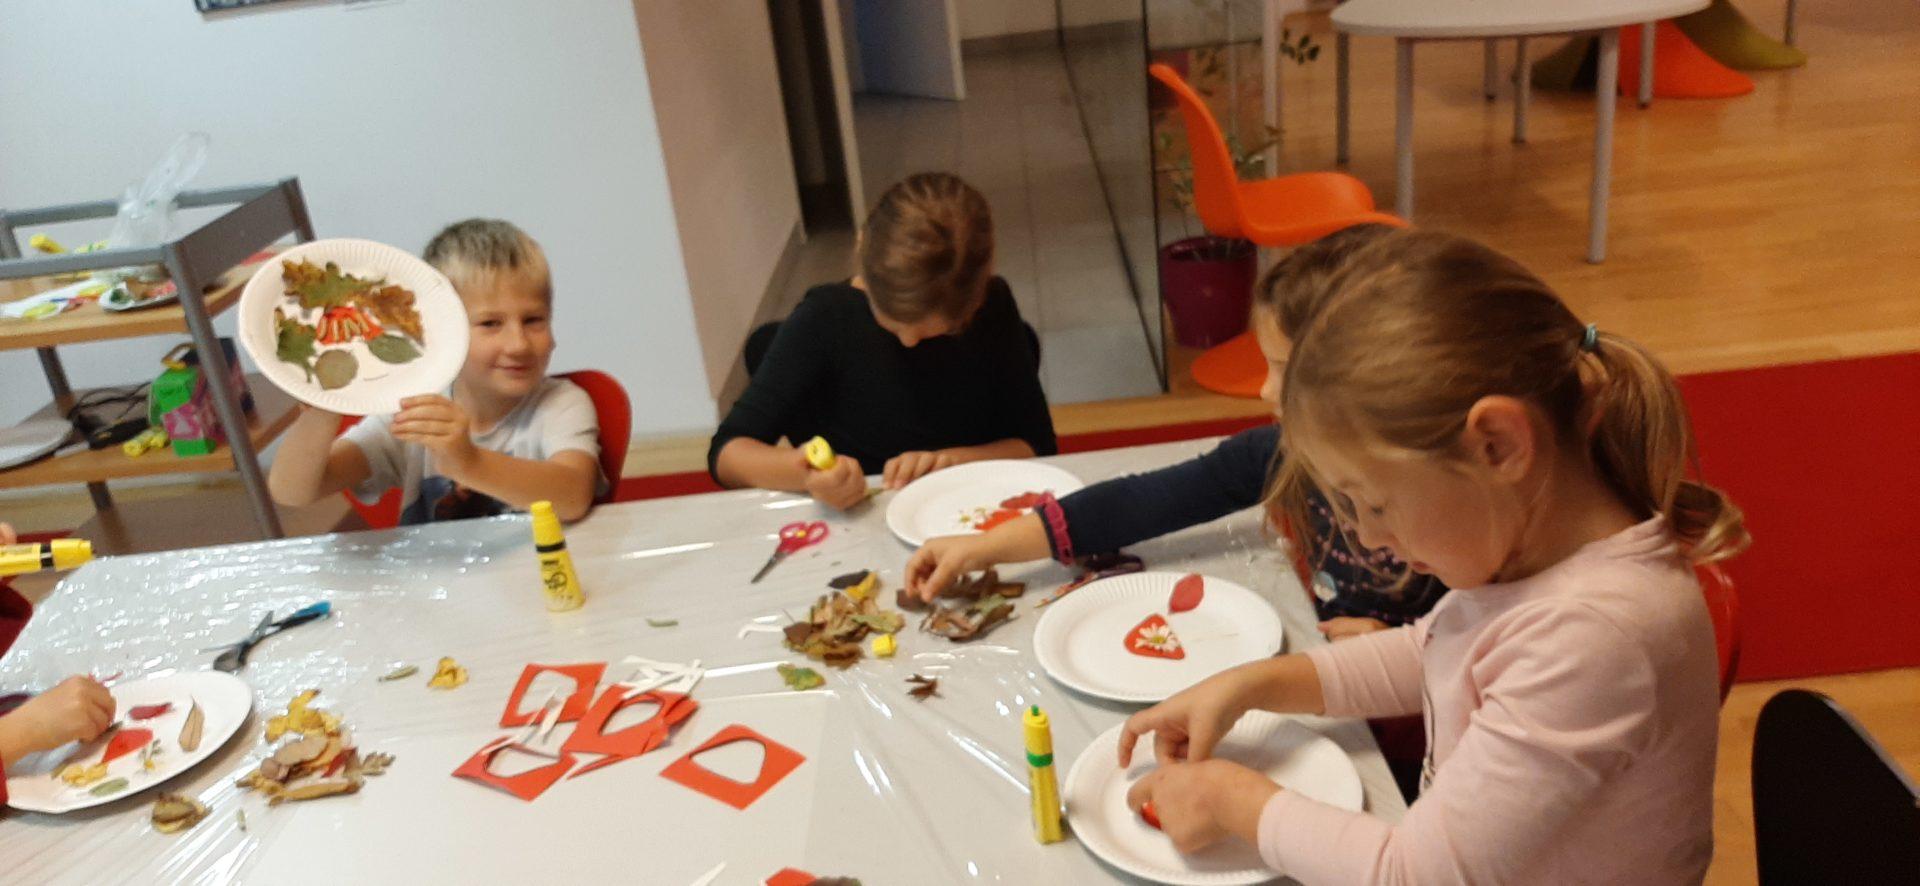 20191022 174304 - Pravljična urica z ustvarjalno delavnico za otroke od 4. leta dalje – Rakek